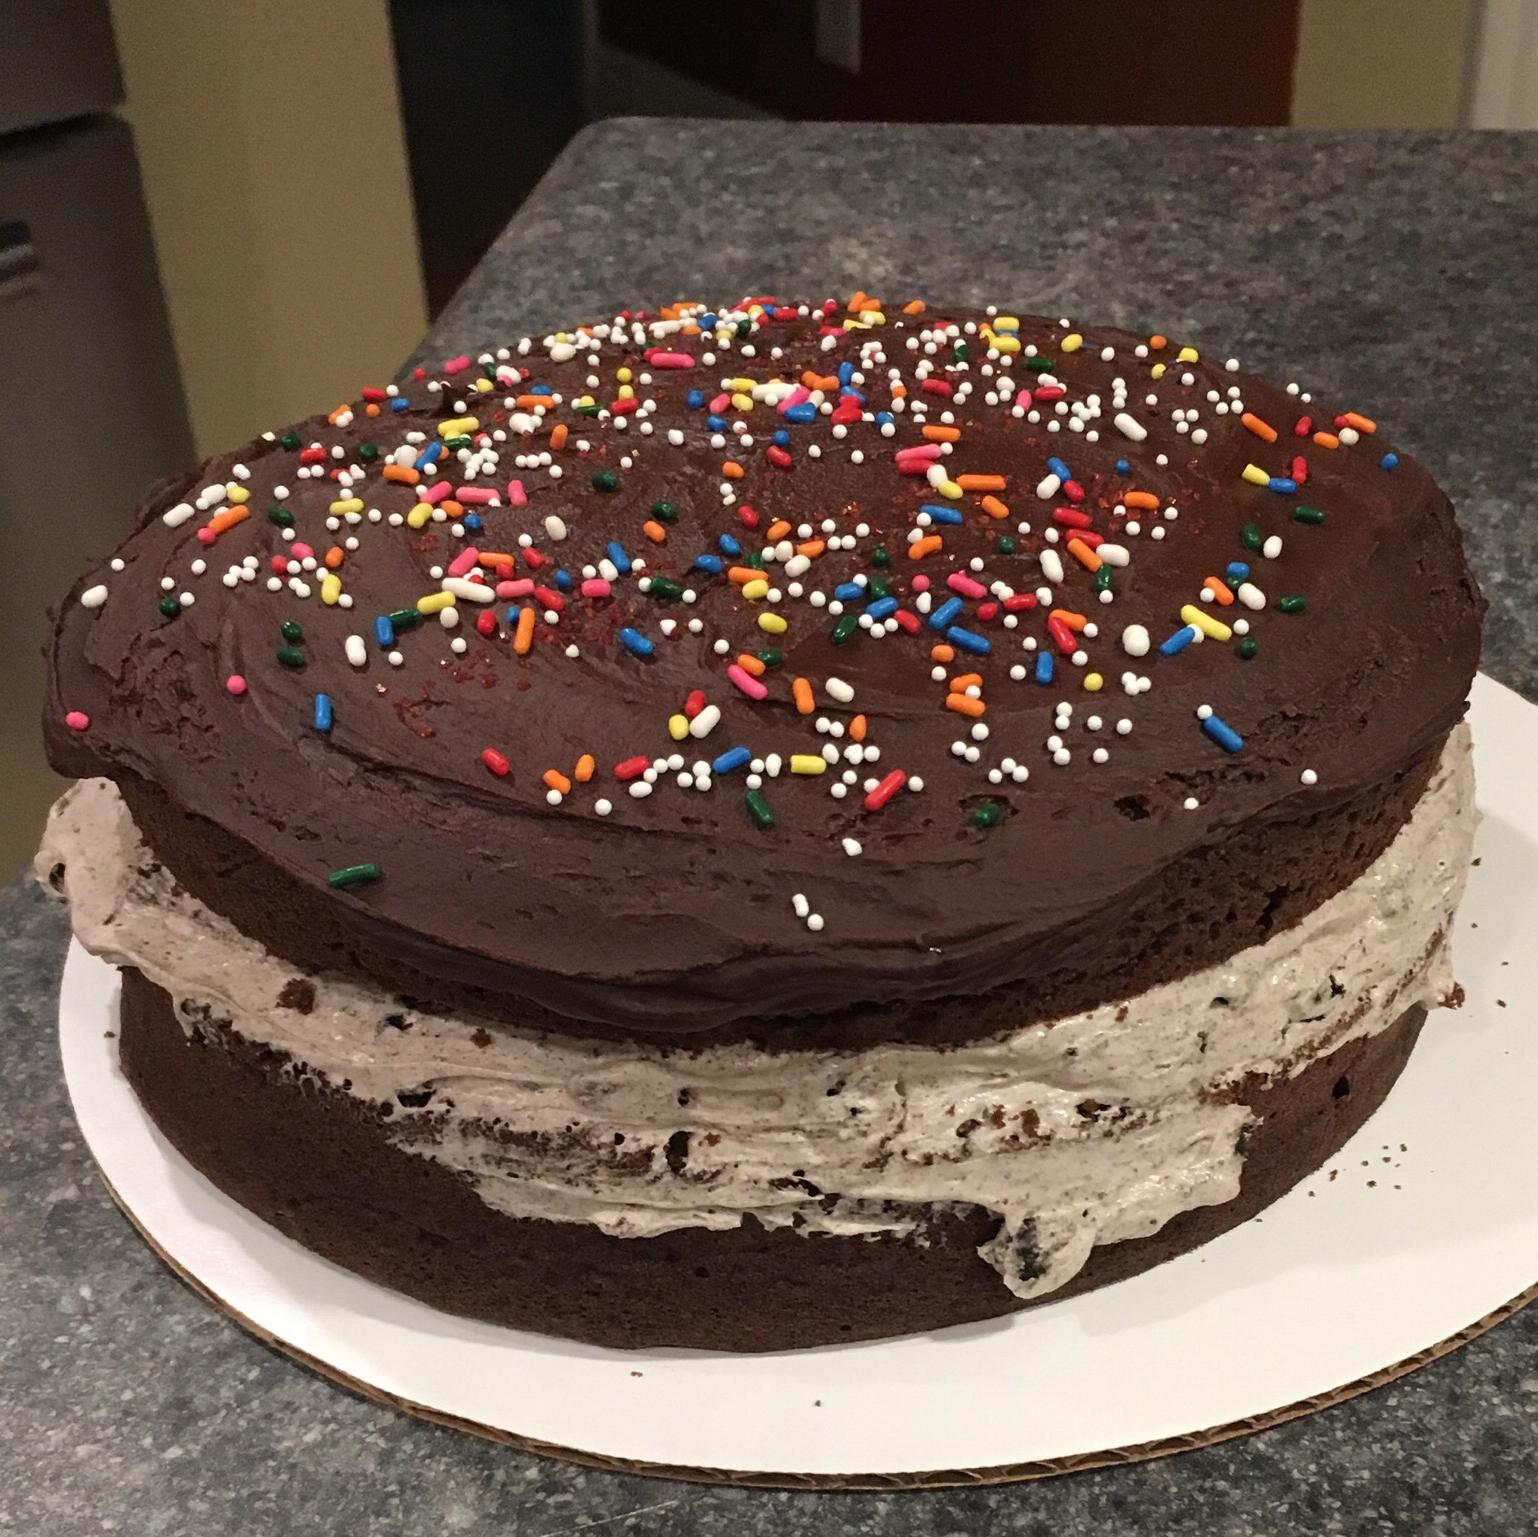 Giant OREO Cookie Cake Sparta Chris